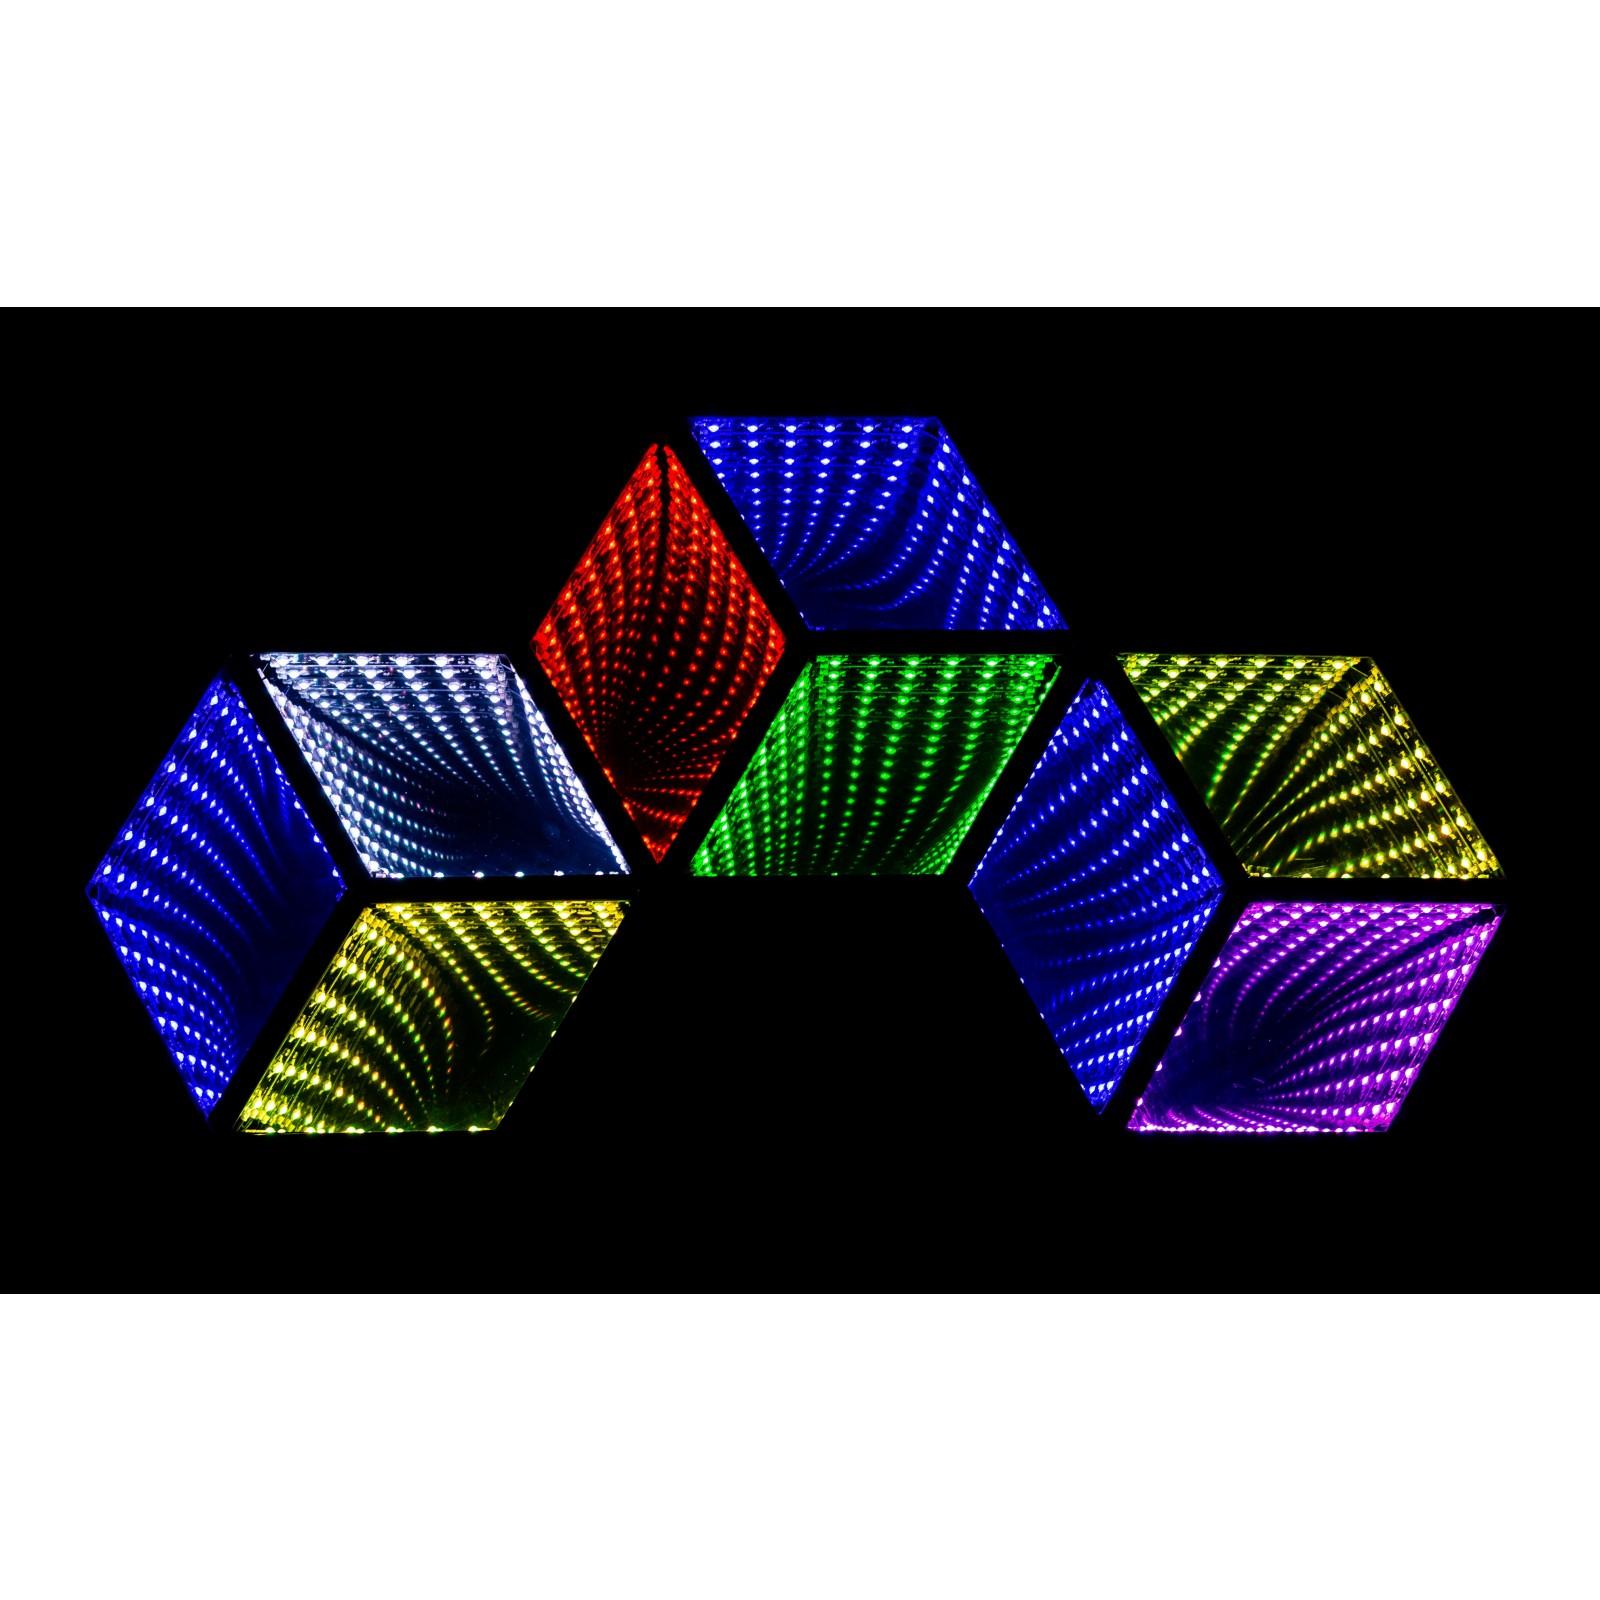 Jb Systems Hexagon 3d Lichteffecten Dj Club